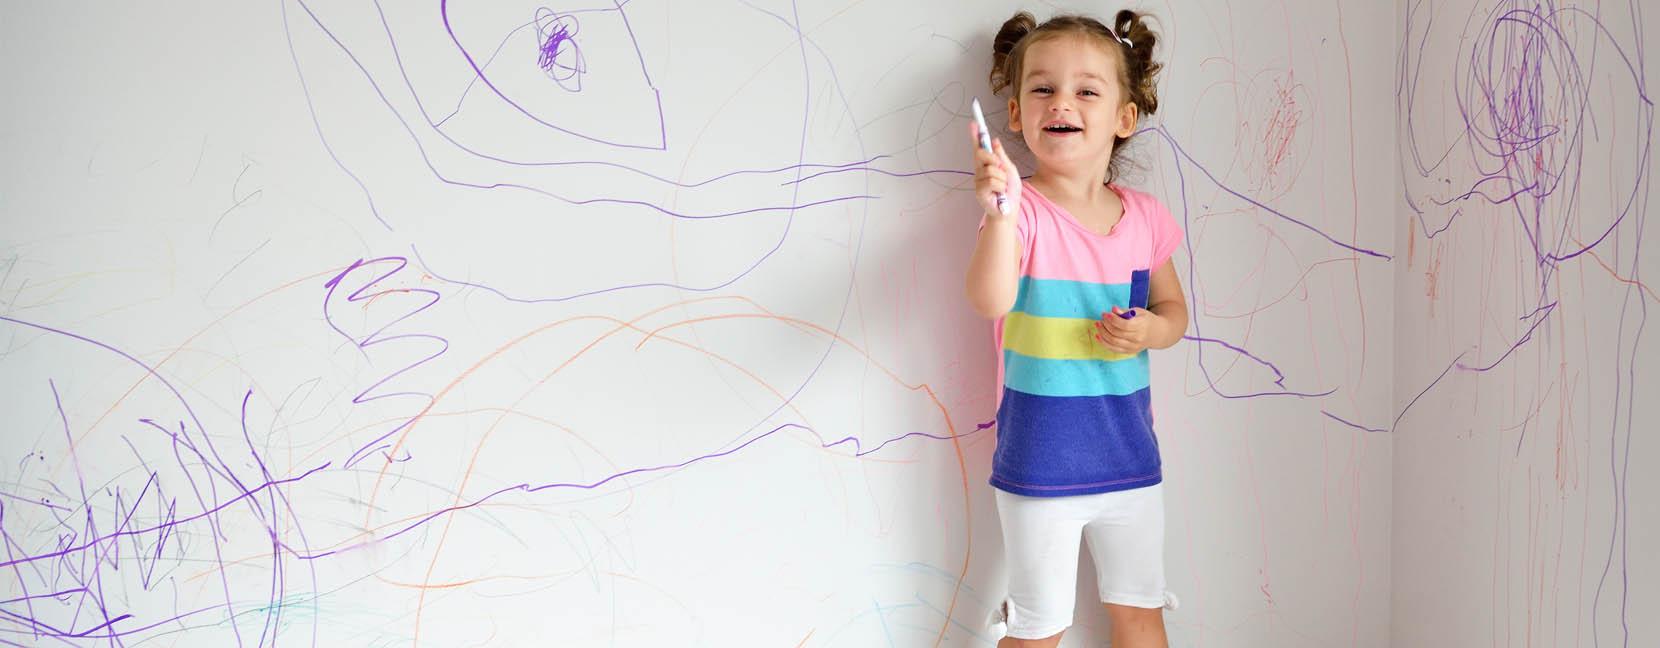 Il desiderio di sperimentare e apprendere: bambina che ha disegnato con il pennarello sul muro